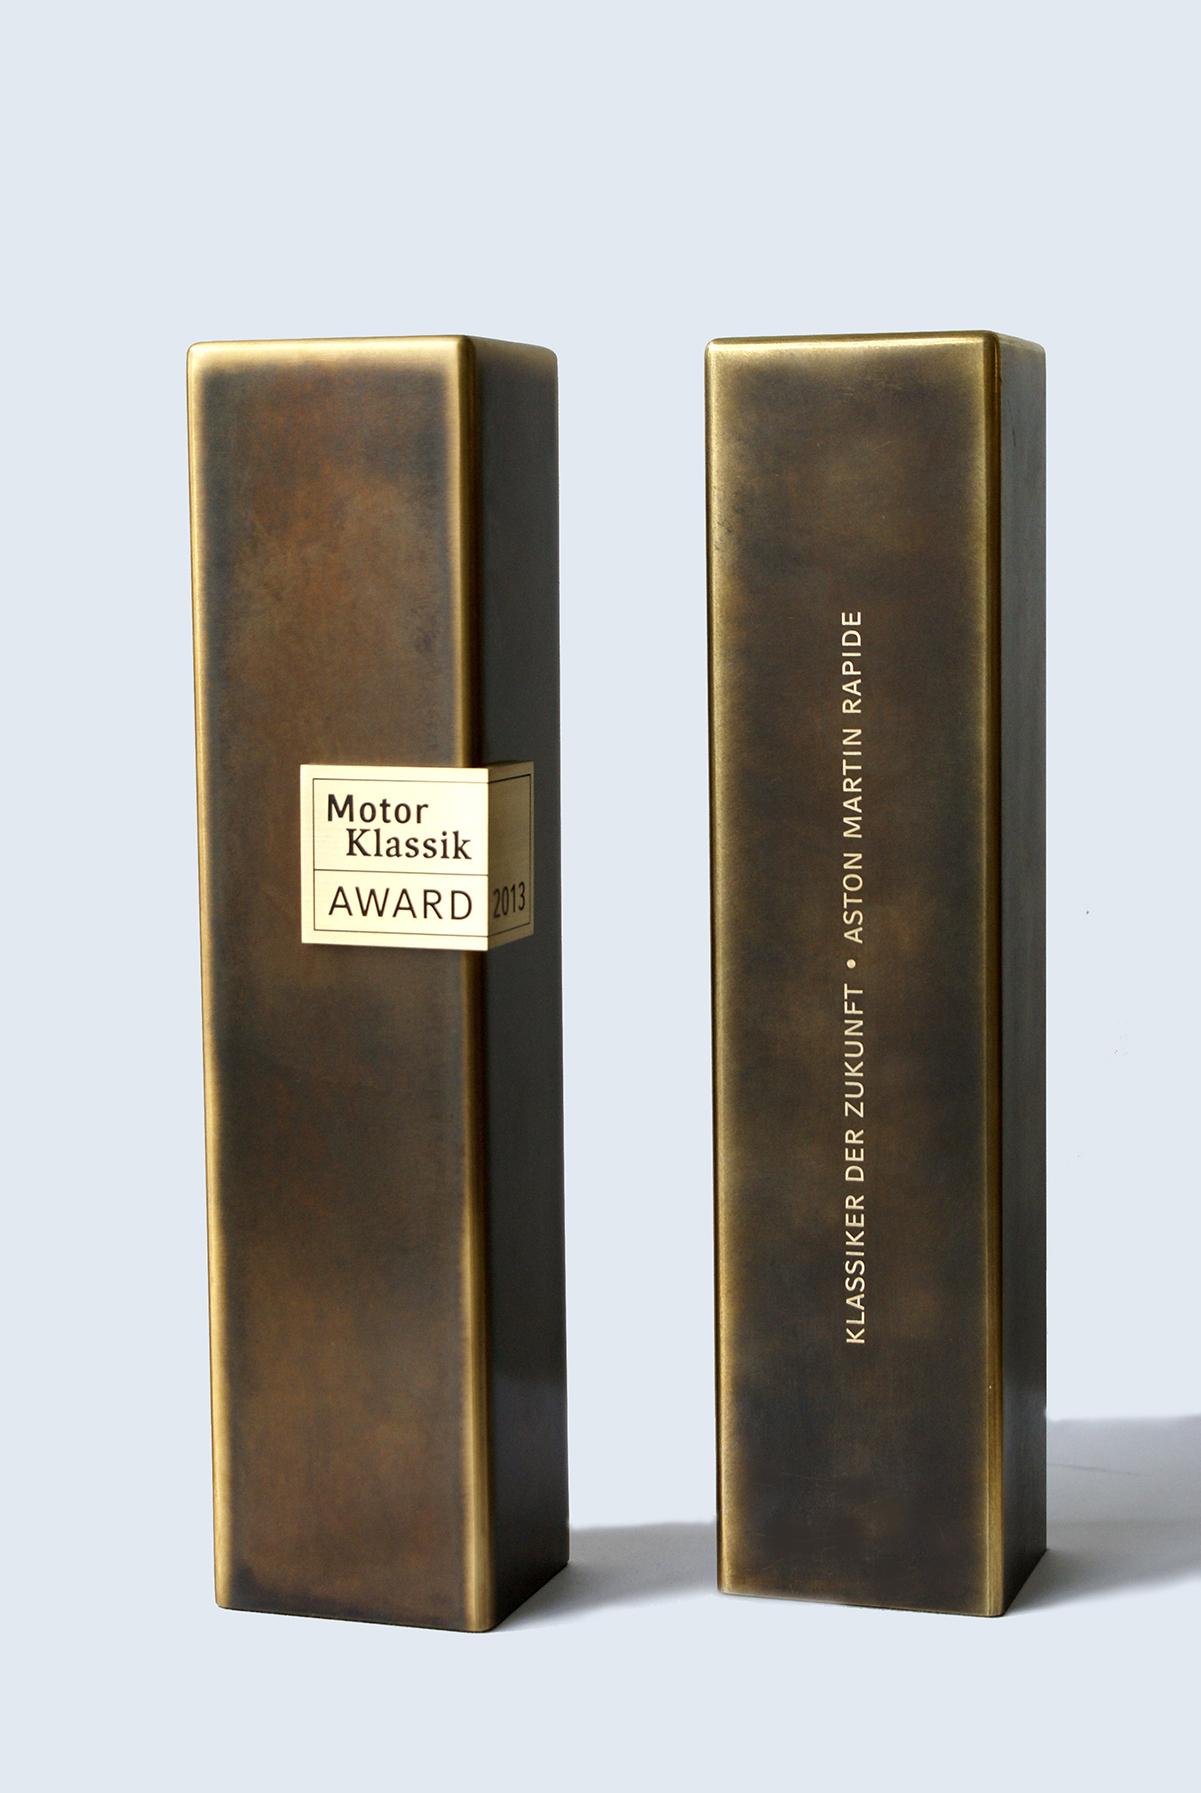 Motor Klassik-Award, Auto Motor und Sport